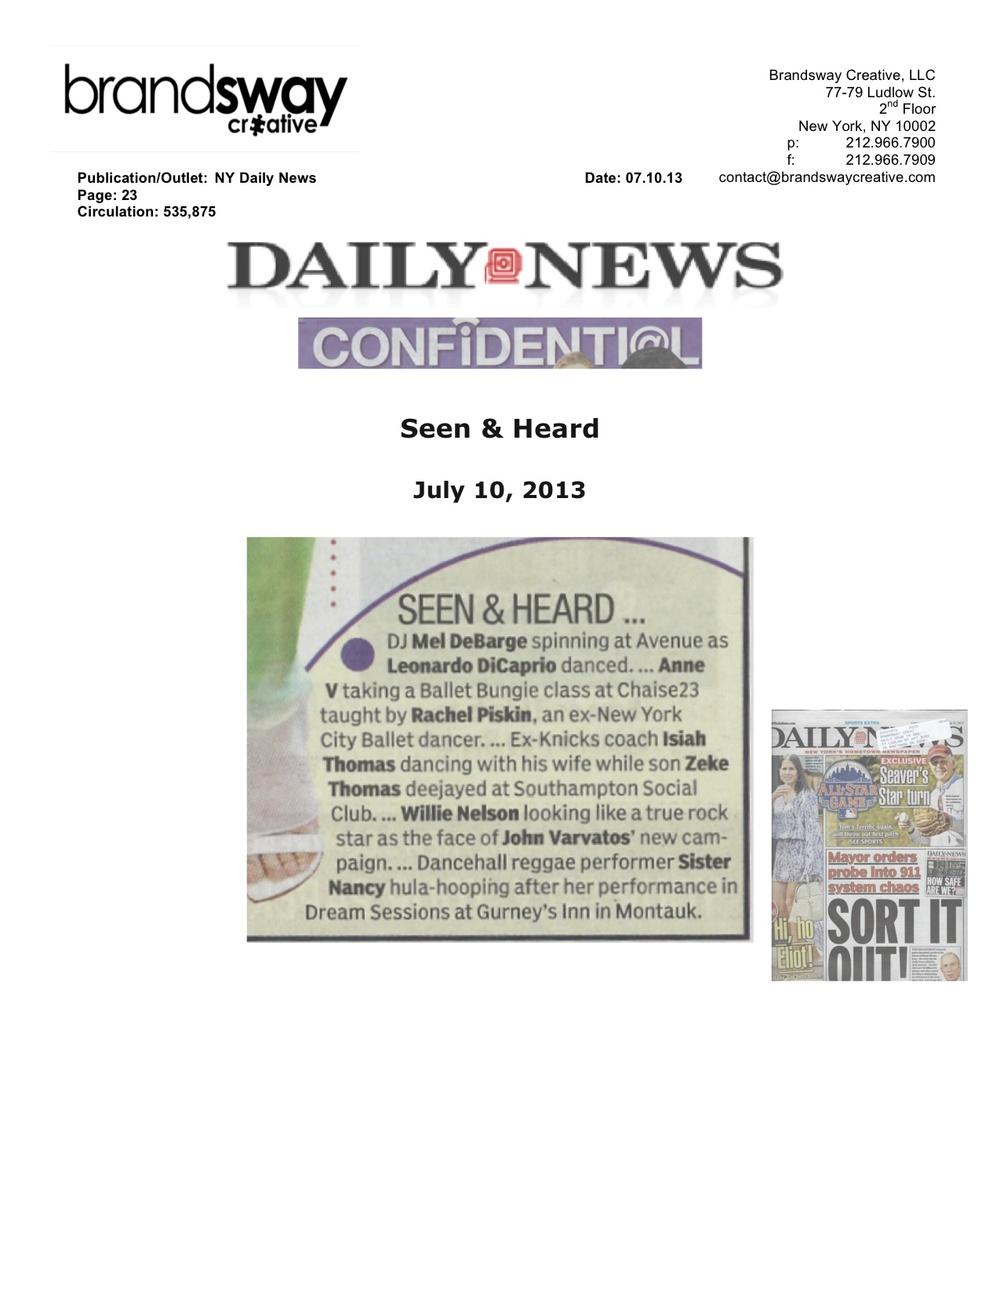 NY Daily News 07.10.13.jpeg